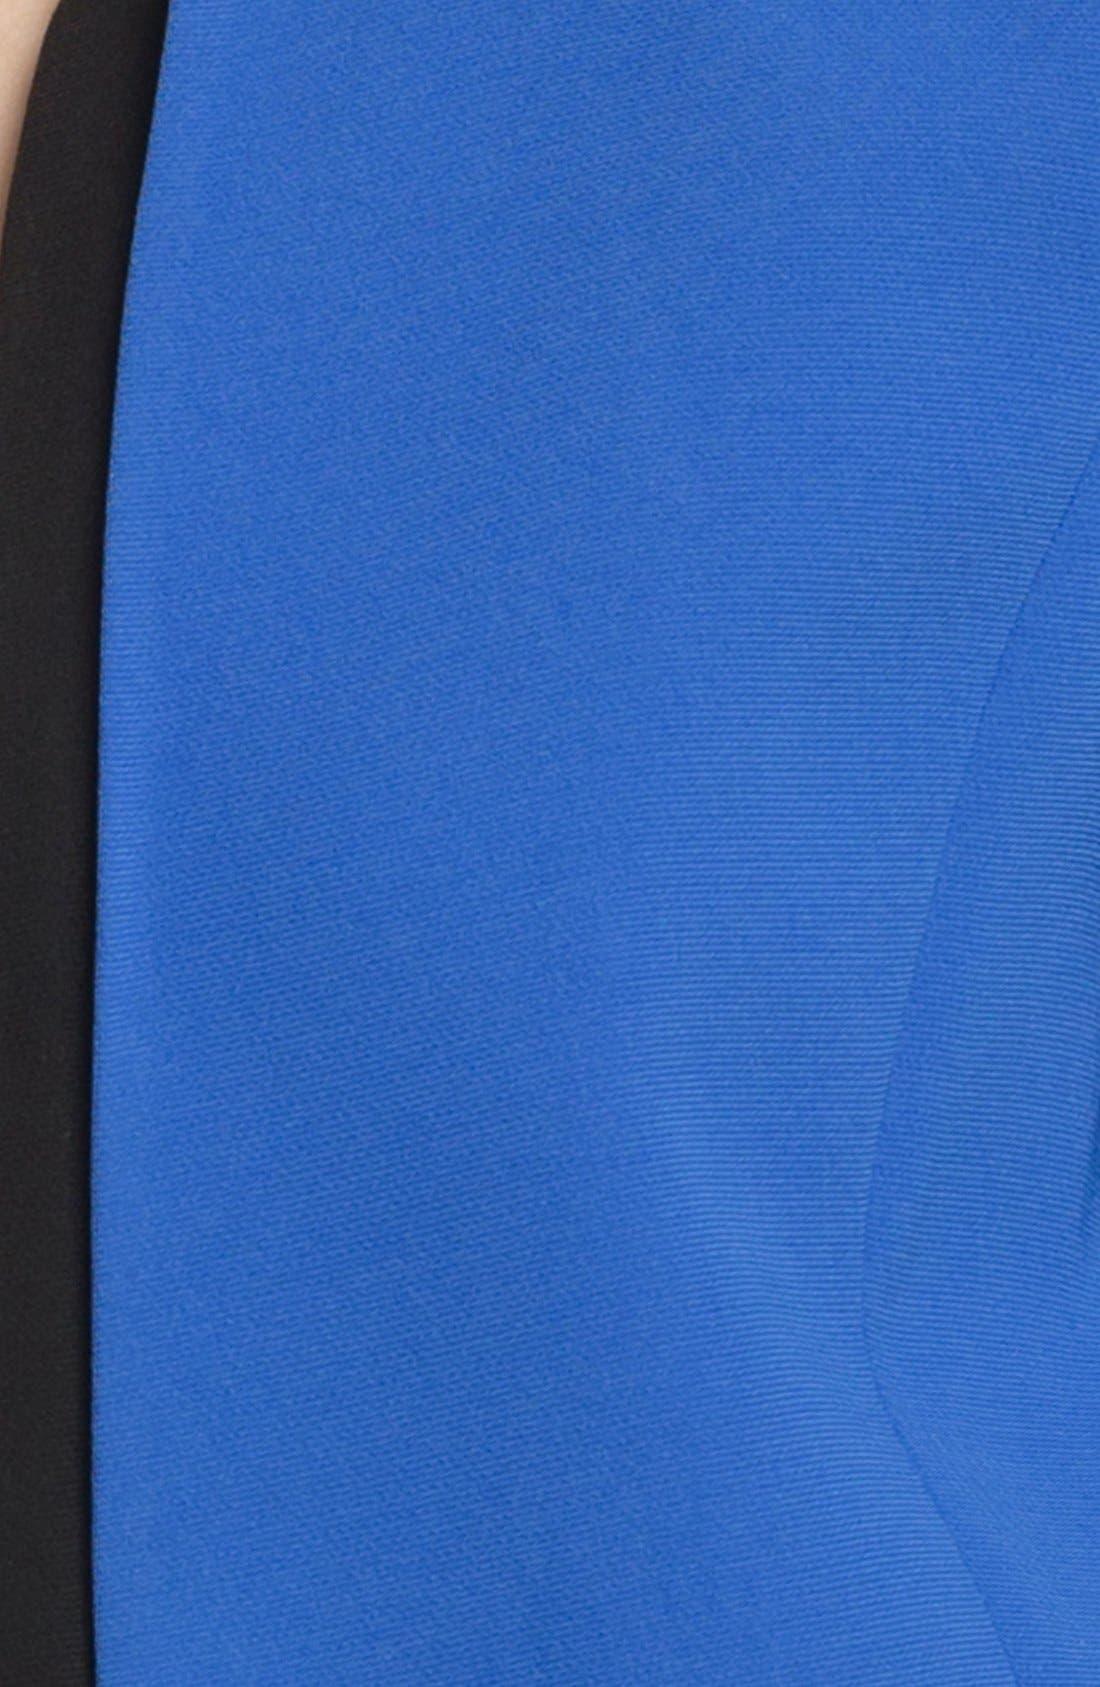 Alternate Image 3  - Kenneth Cole New York 'Marabel' Polished Crepe Jacket